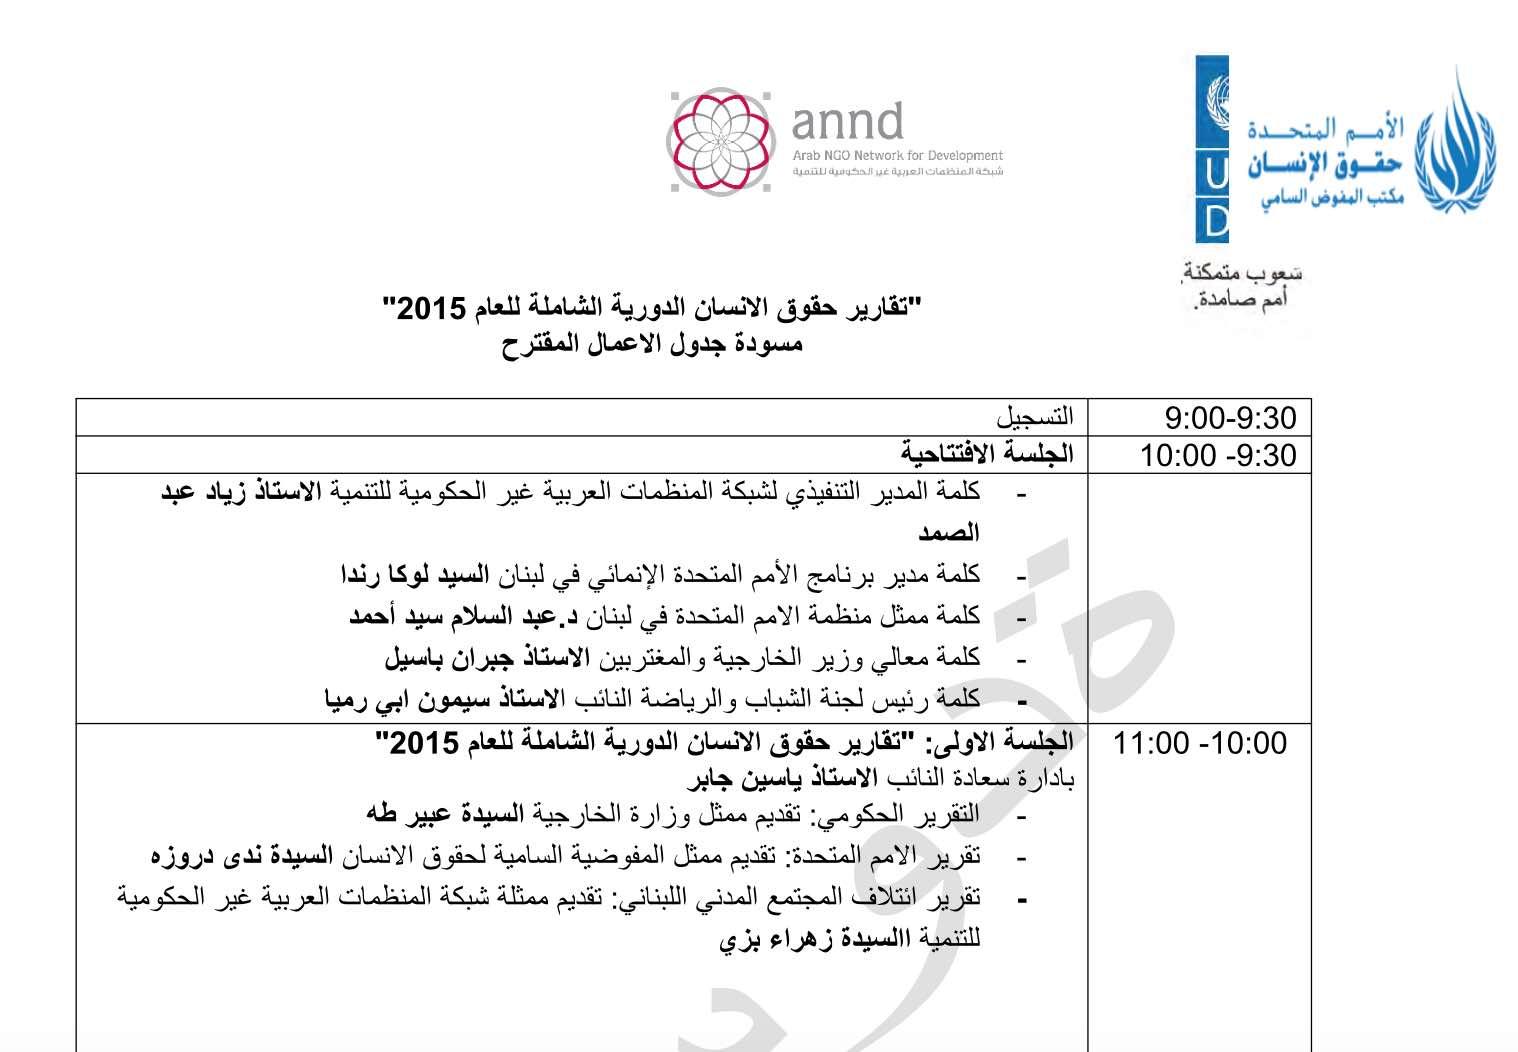 """المؤتمر الوطني حول """"تقارير حقوق الانسان الدورية الشاملة للعام 2015"""""""